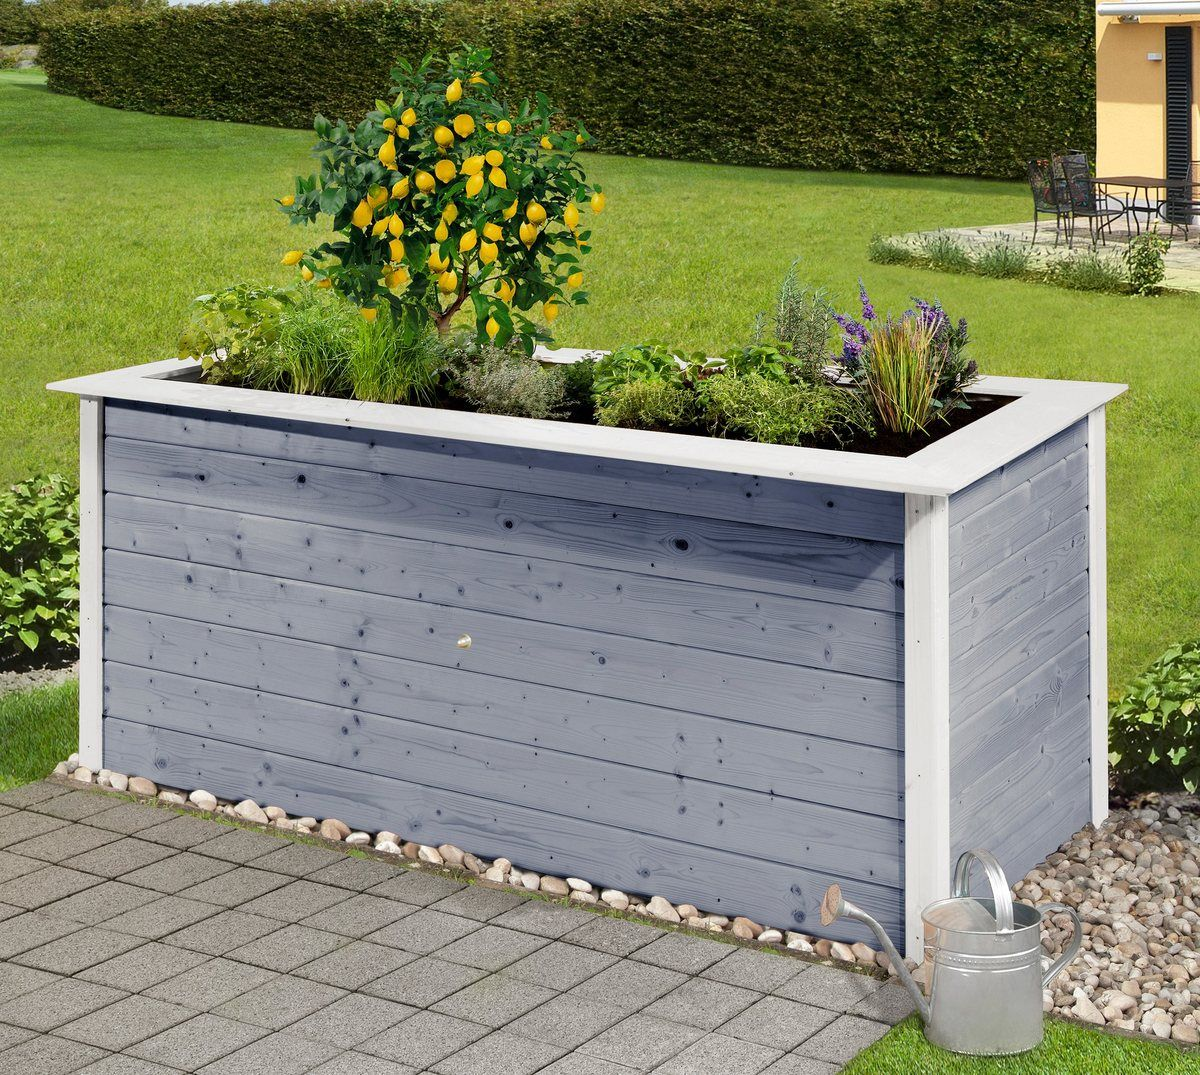 Hochbeet B T H 205 80 81 Cm Grau Weiss Hochbeet Outdoor